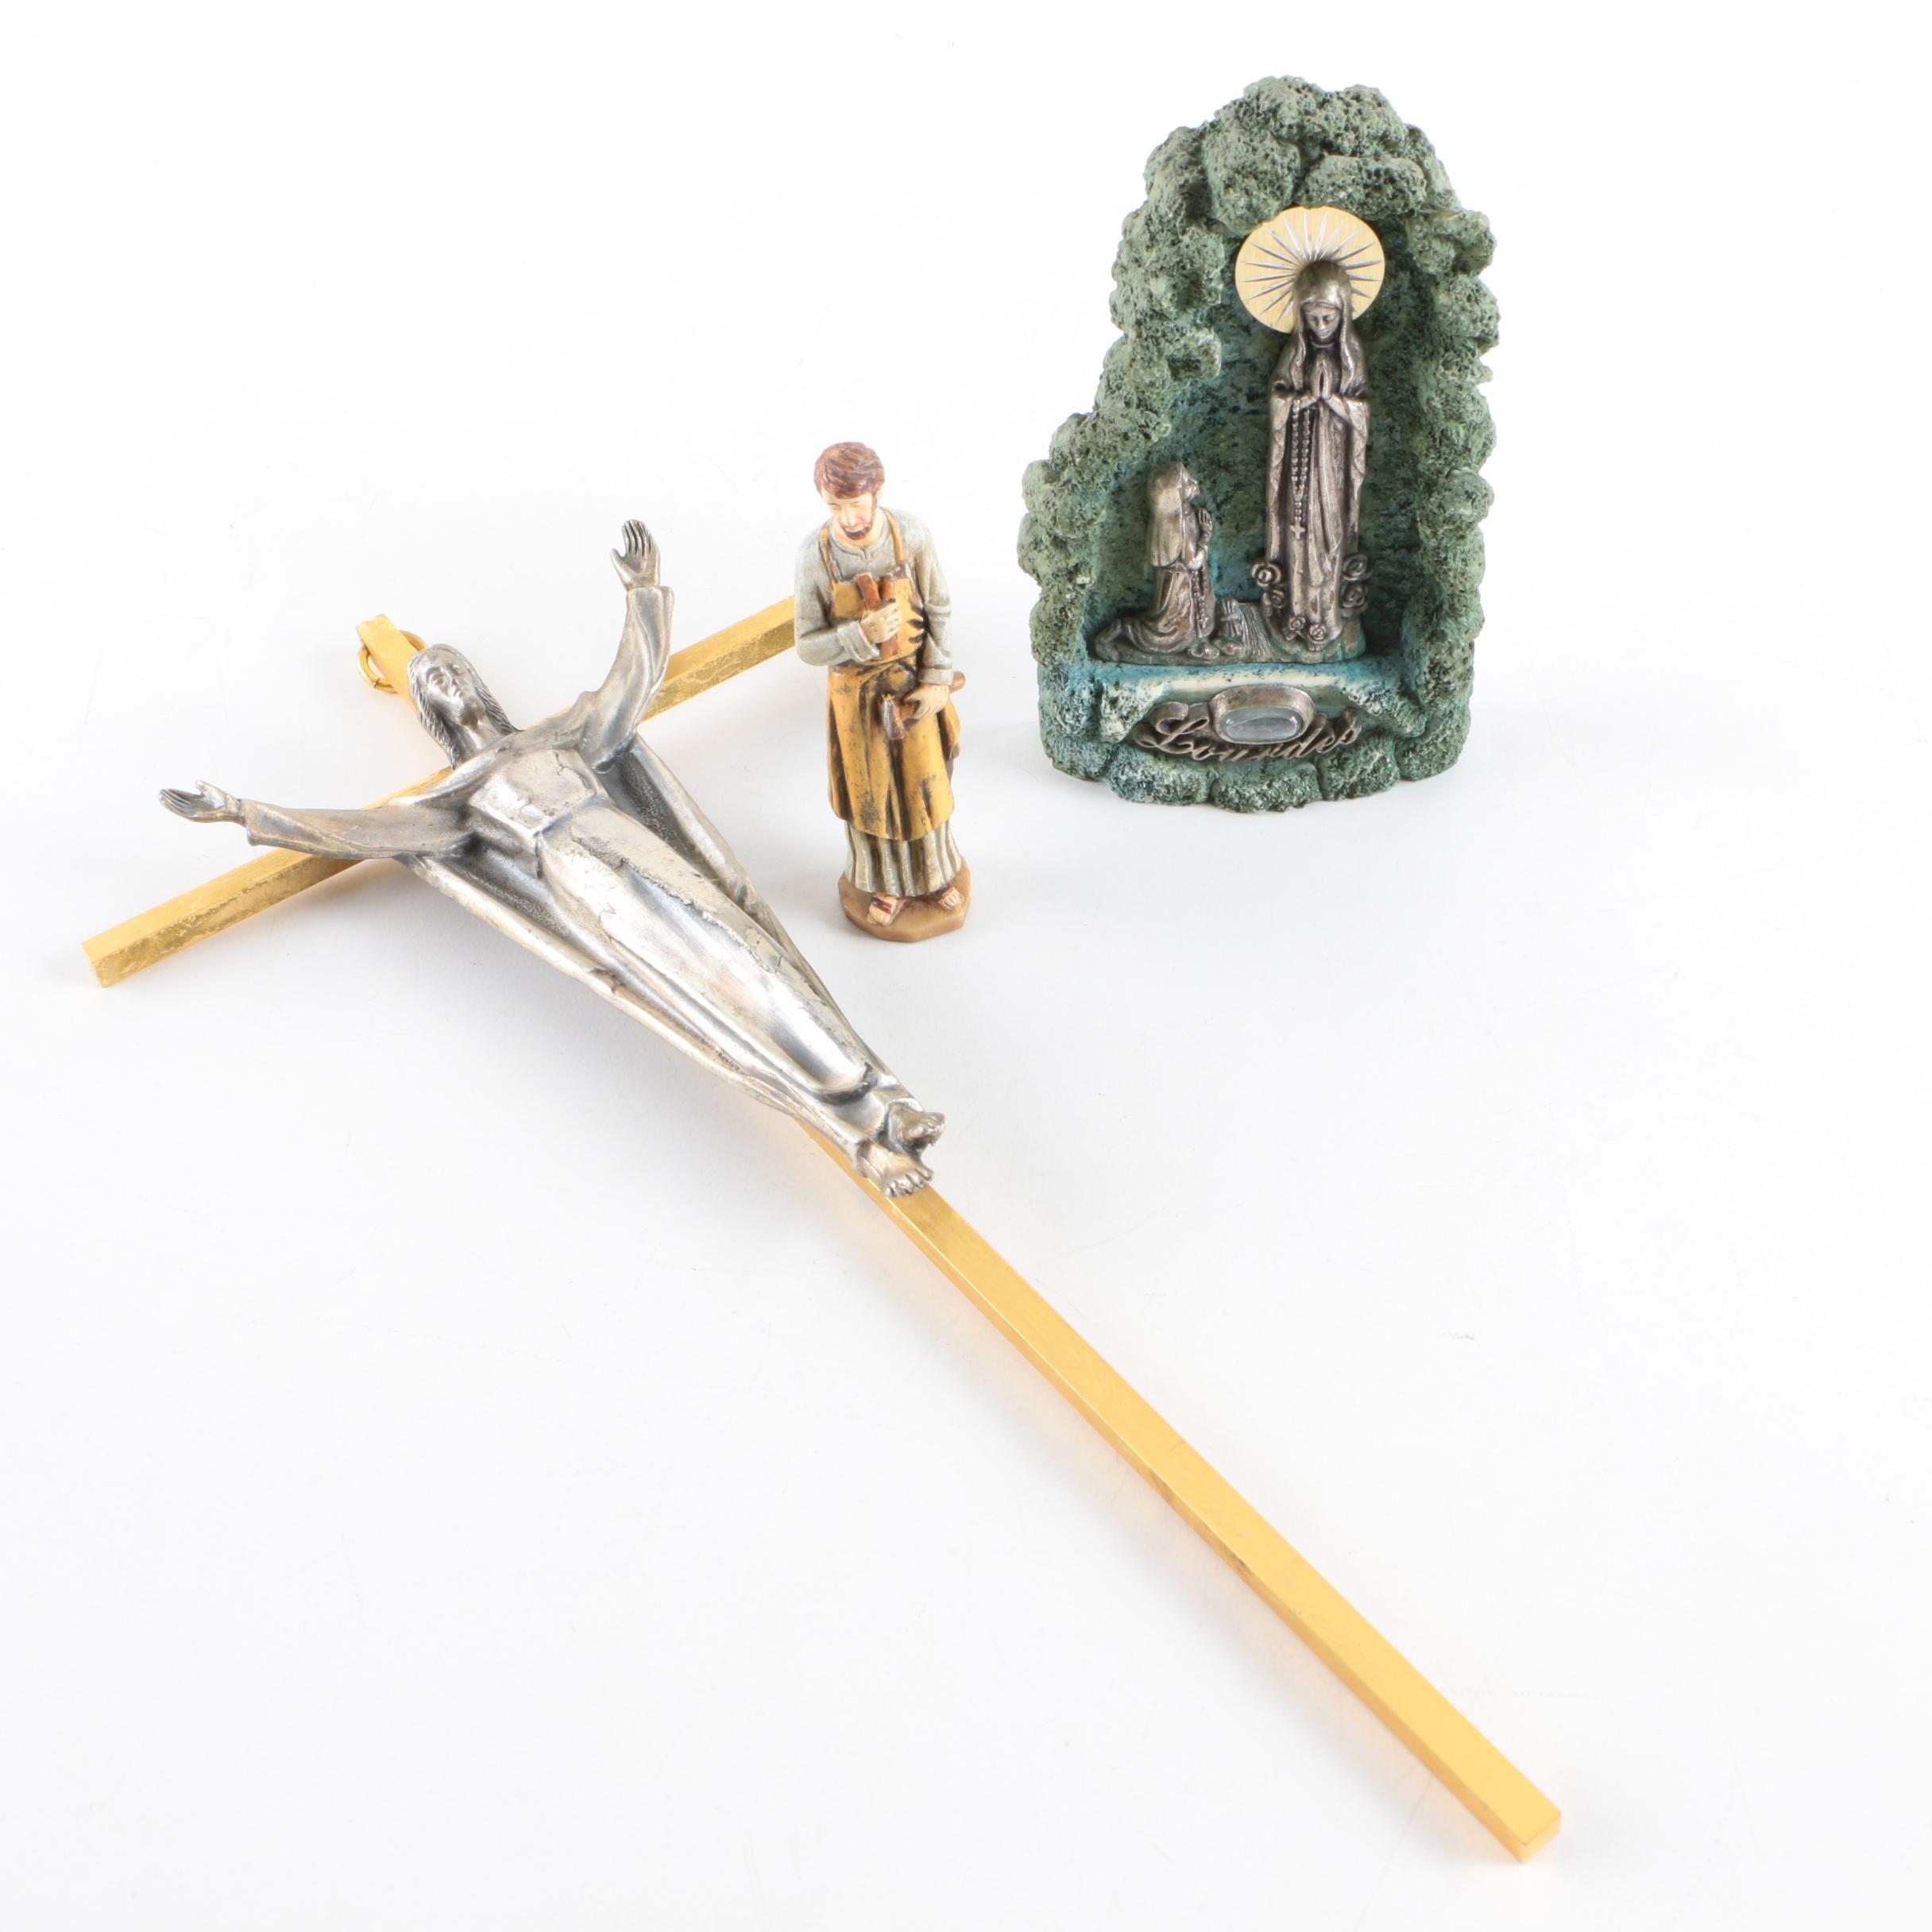 Crucifix and Figurines